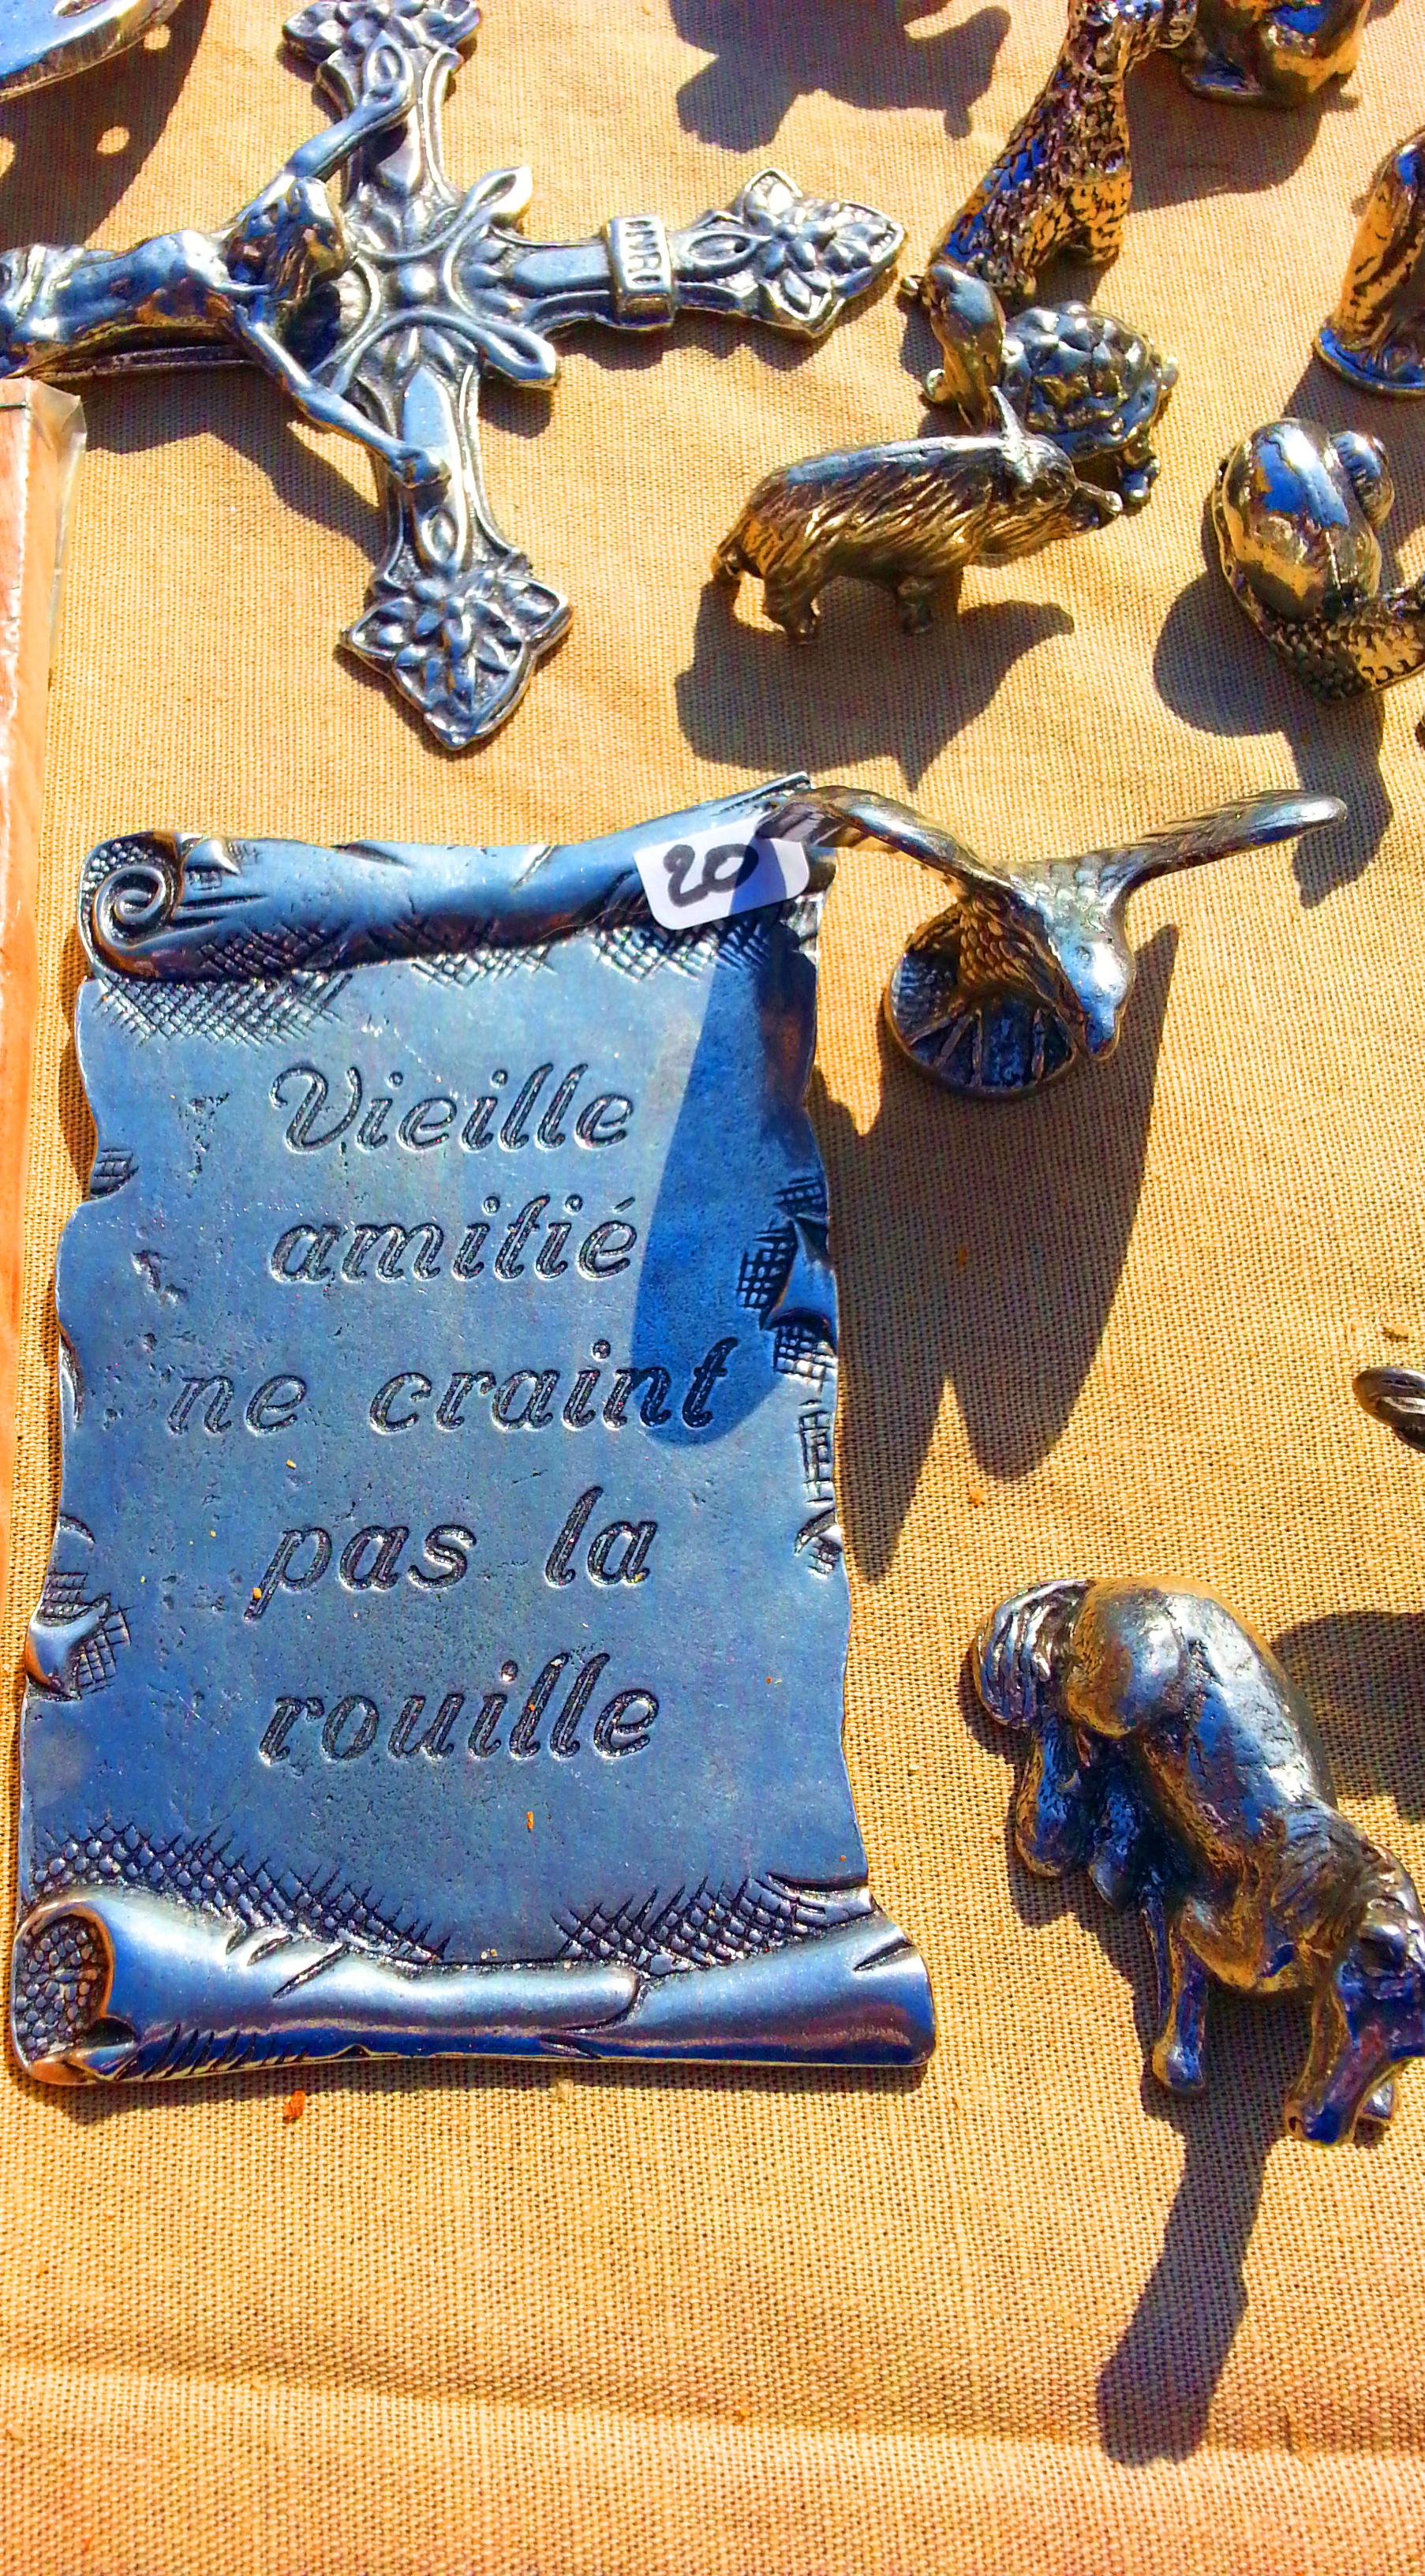 Objets décoratifs médiévaux Biot et les Templiers